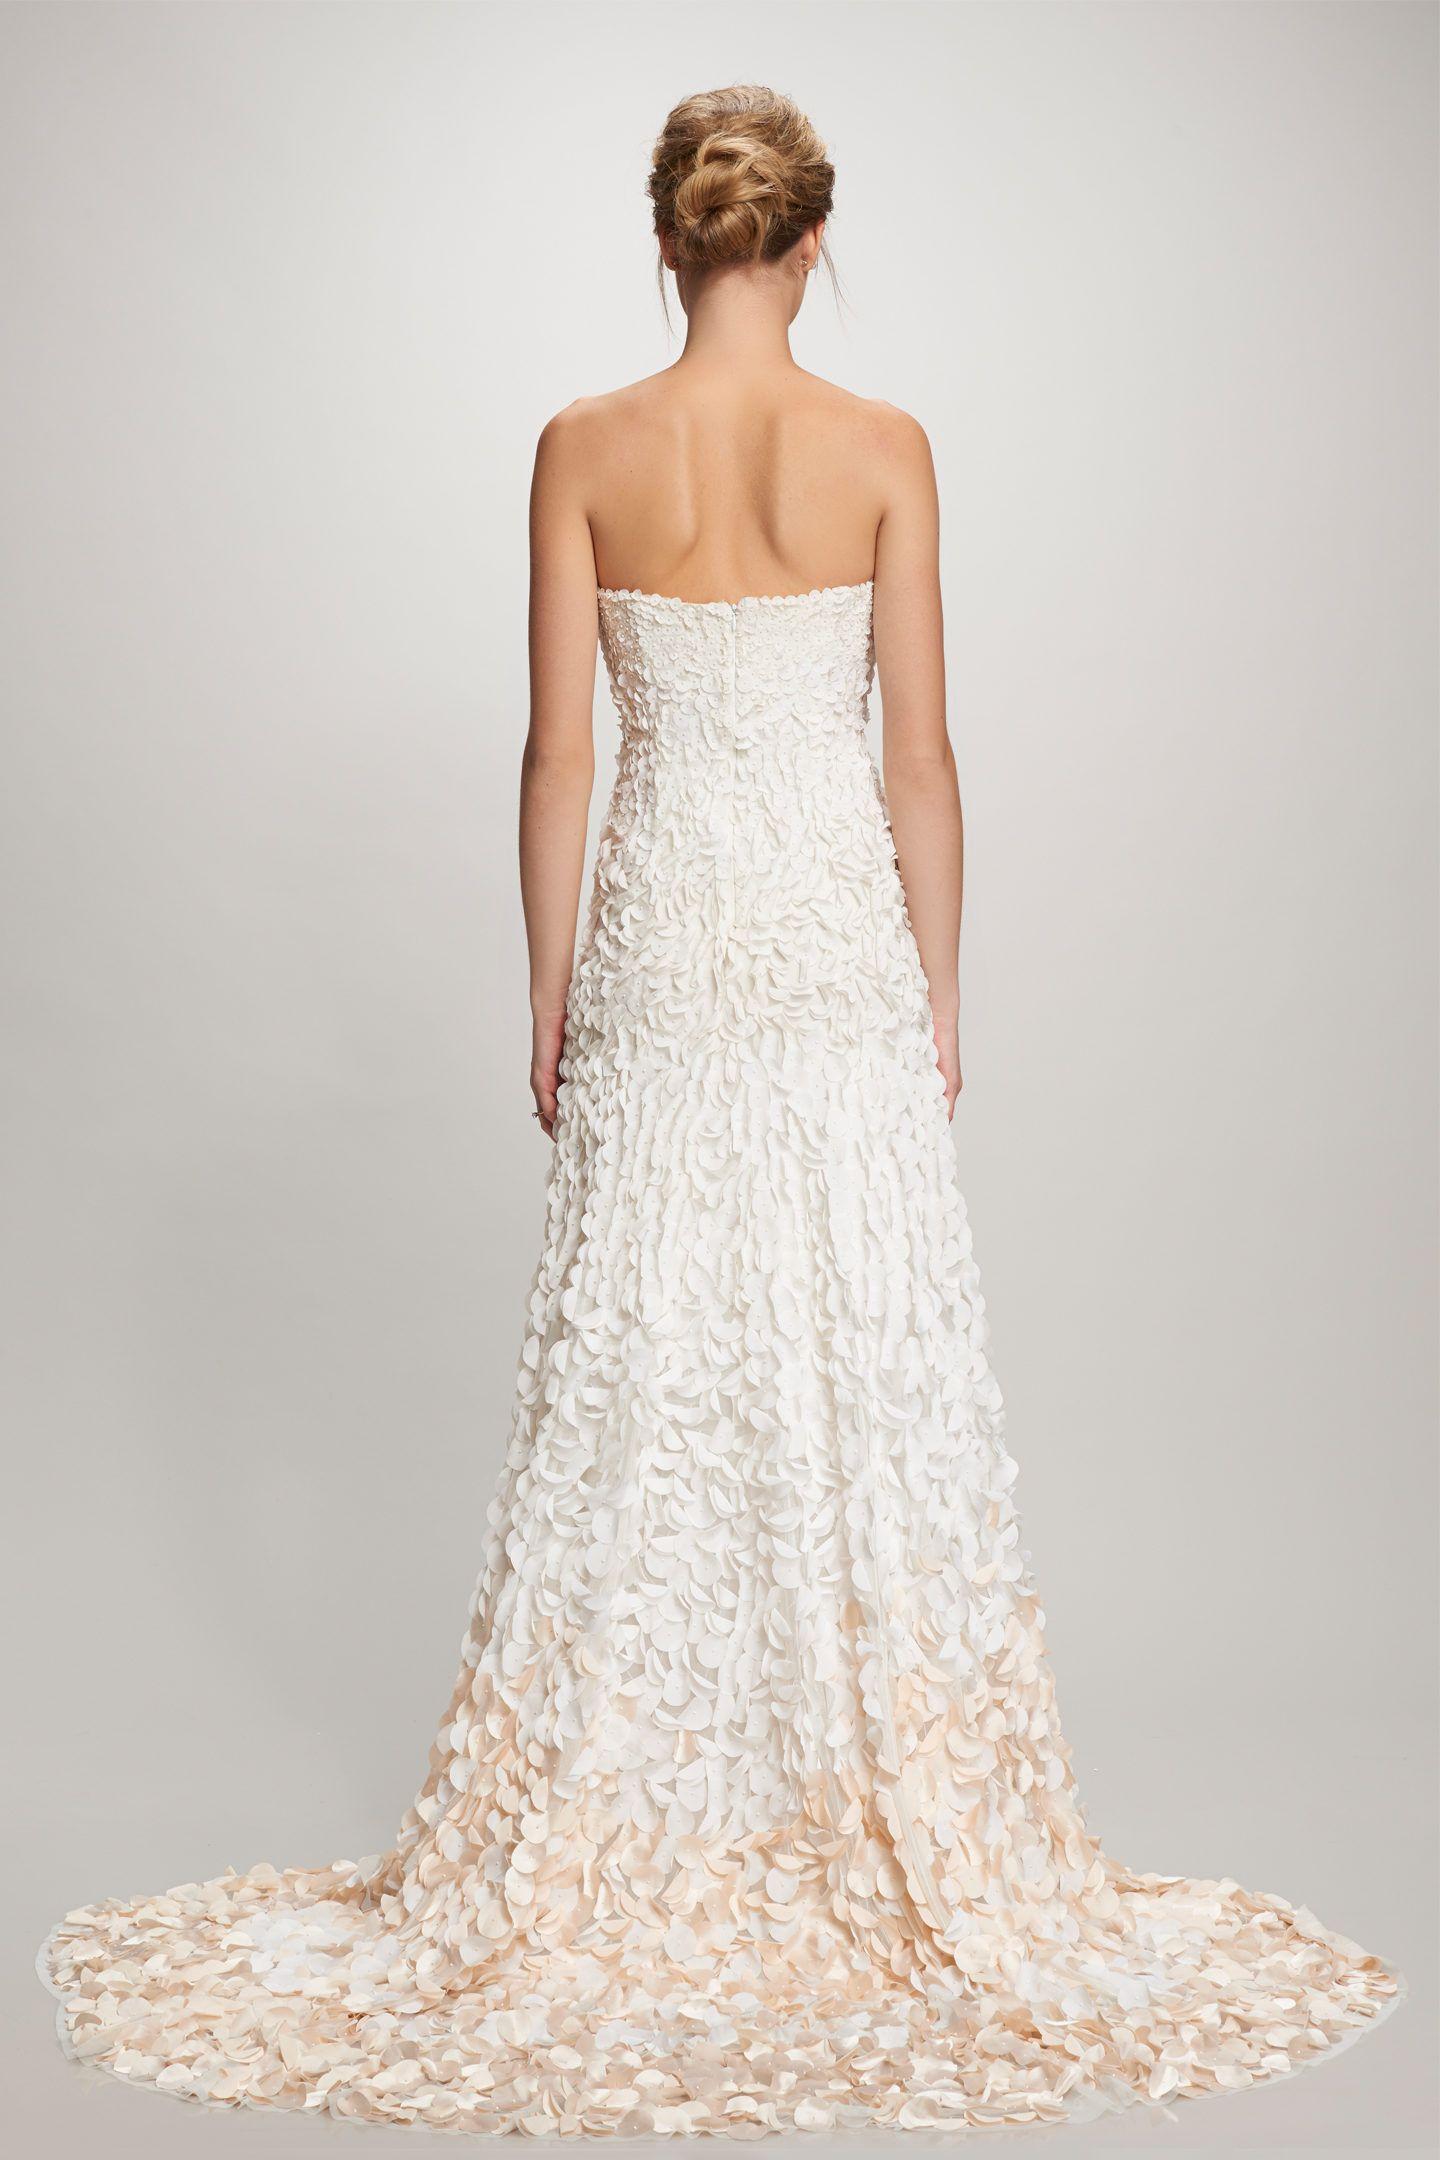 Courtney – THEIA Bridal | Wedding Inspo | Pinterest | Theia bridal ...